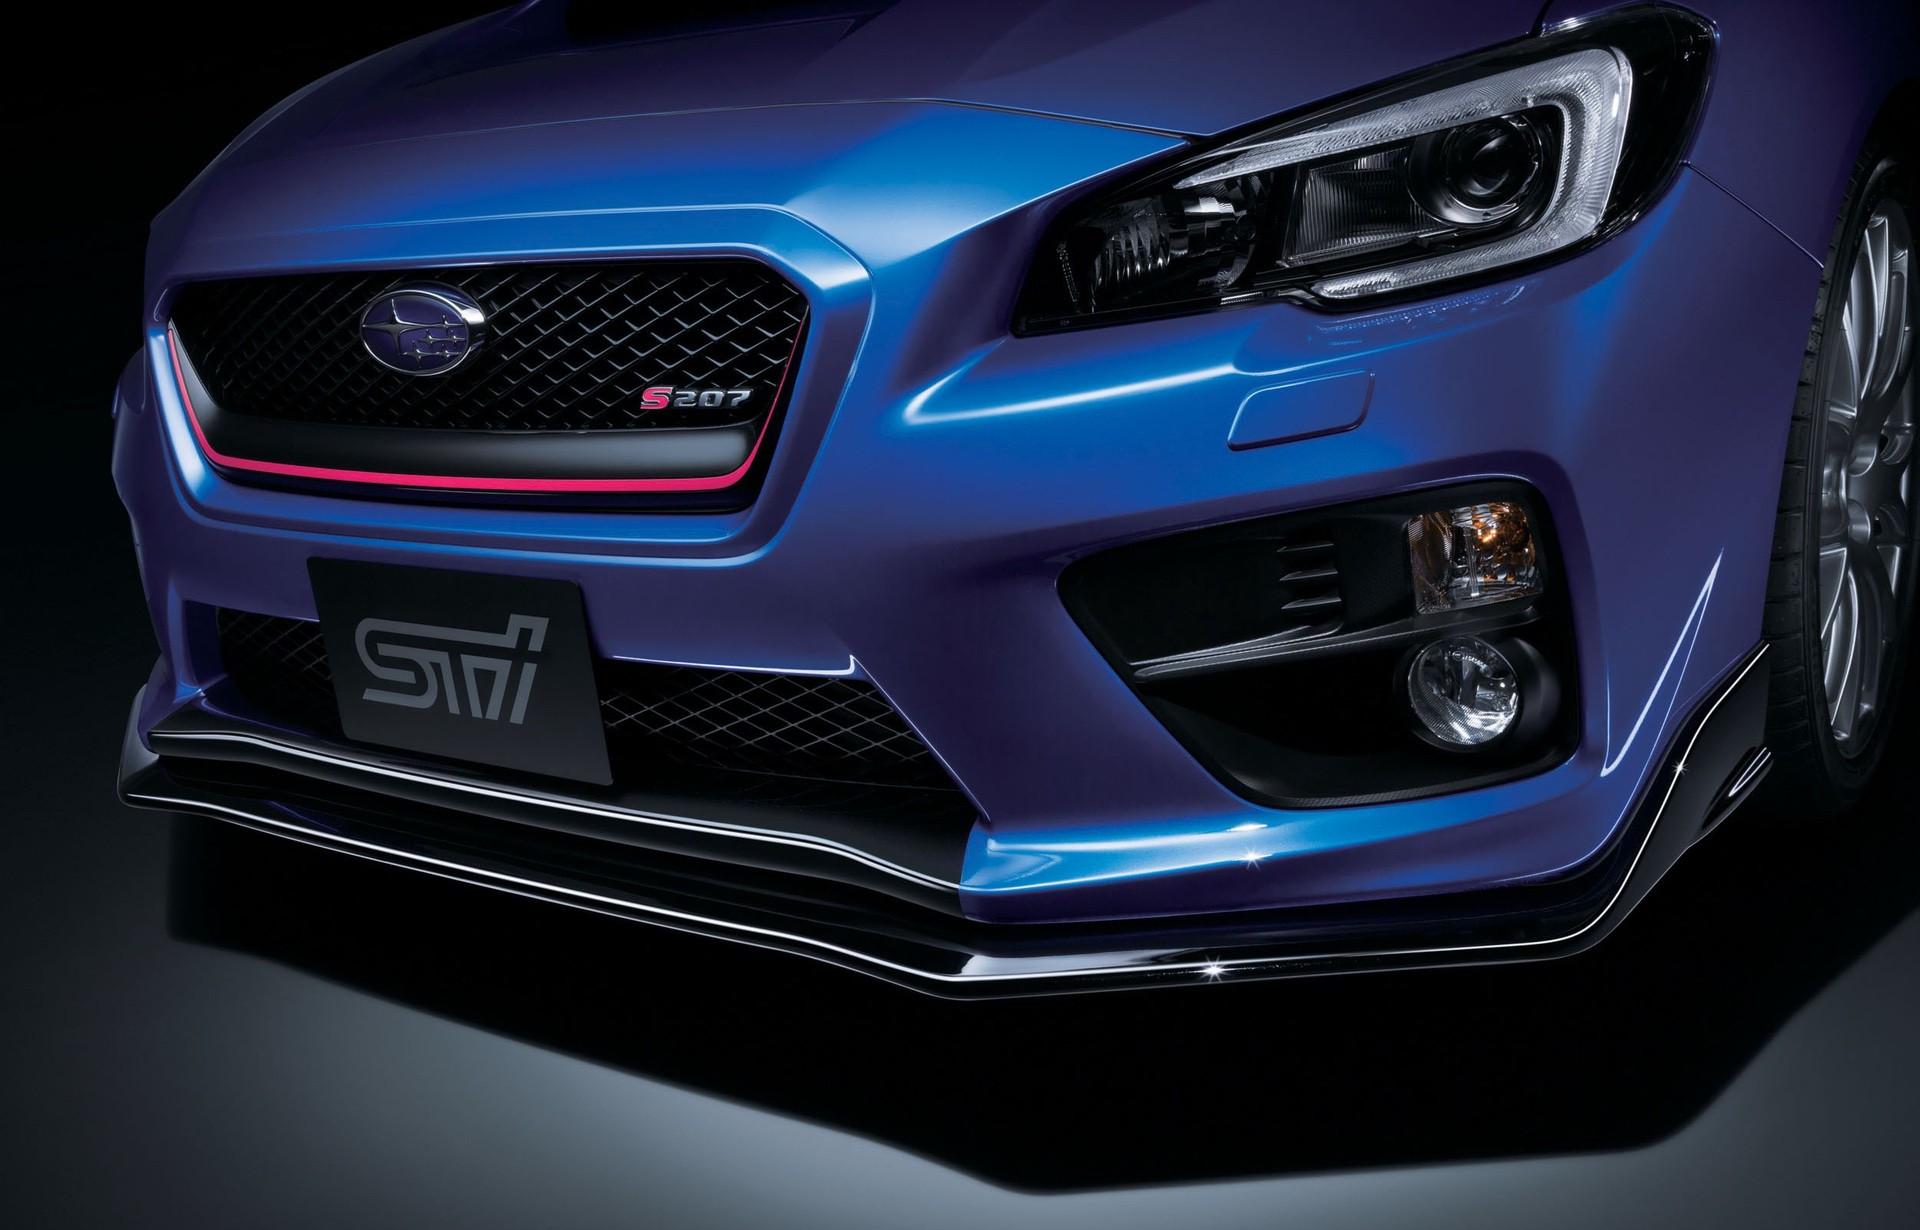 Subaru_Impreza_STI_S207_0027